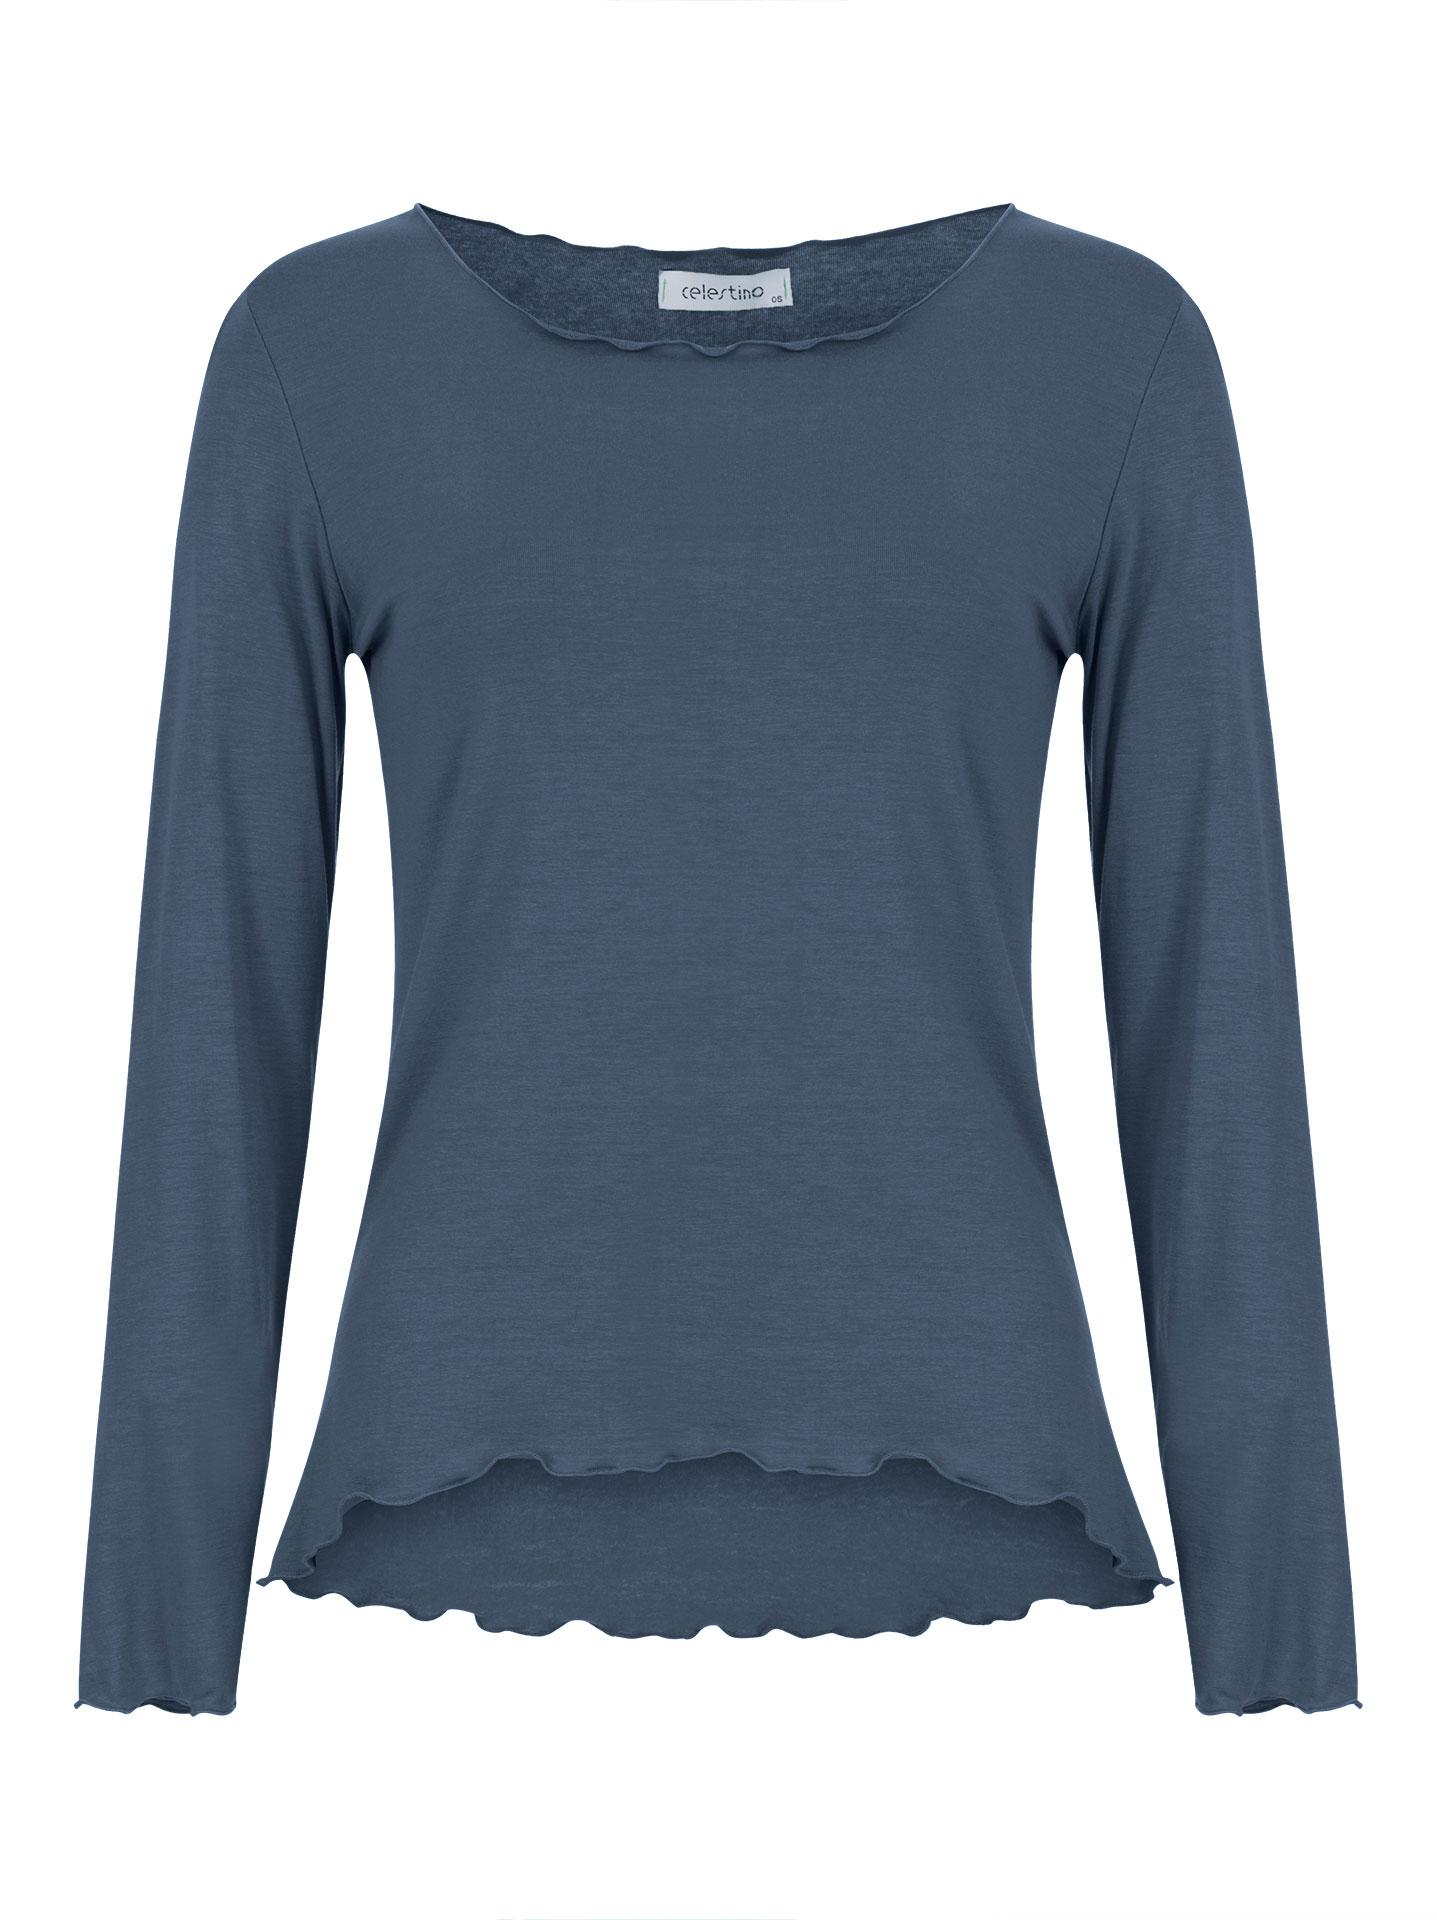 Μακρυμάνικη μπλούζα με βολάν σε μπλε ραφ 2078d047cc1